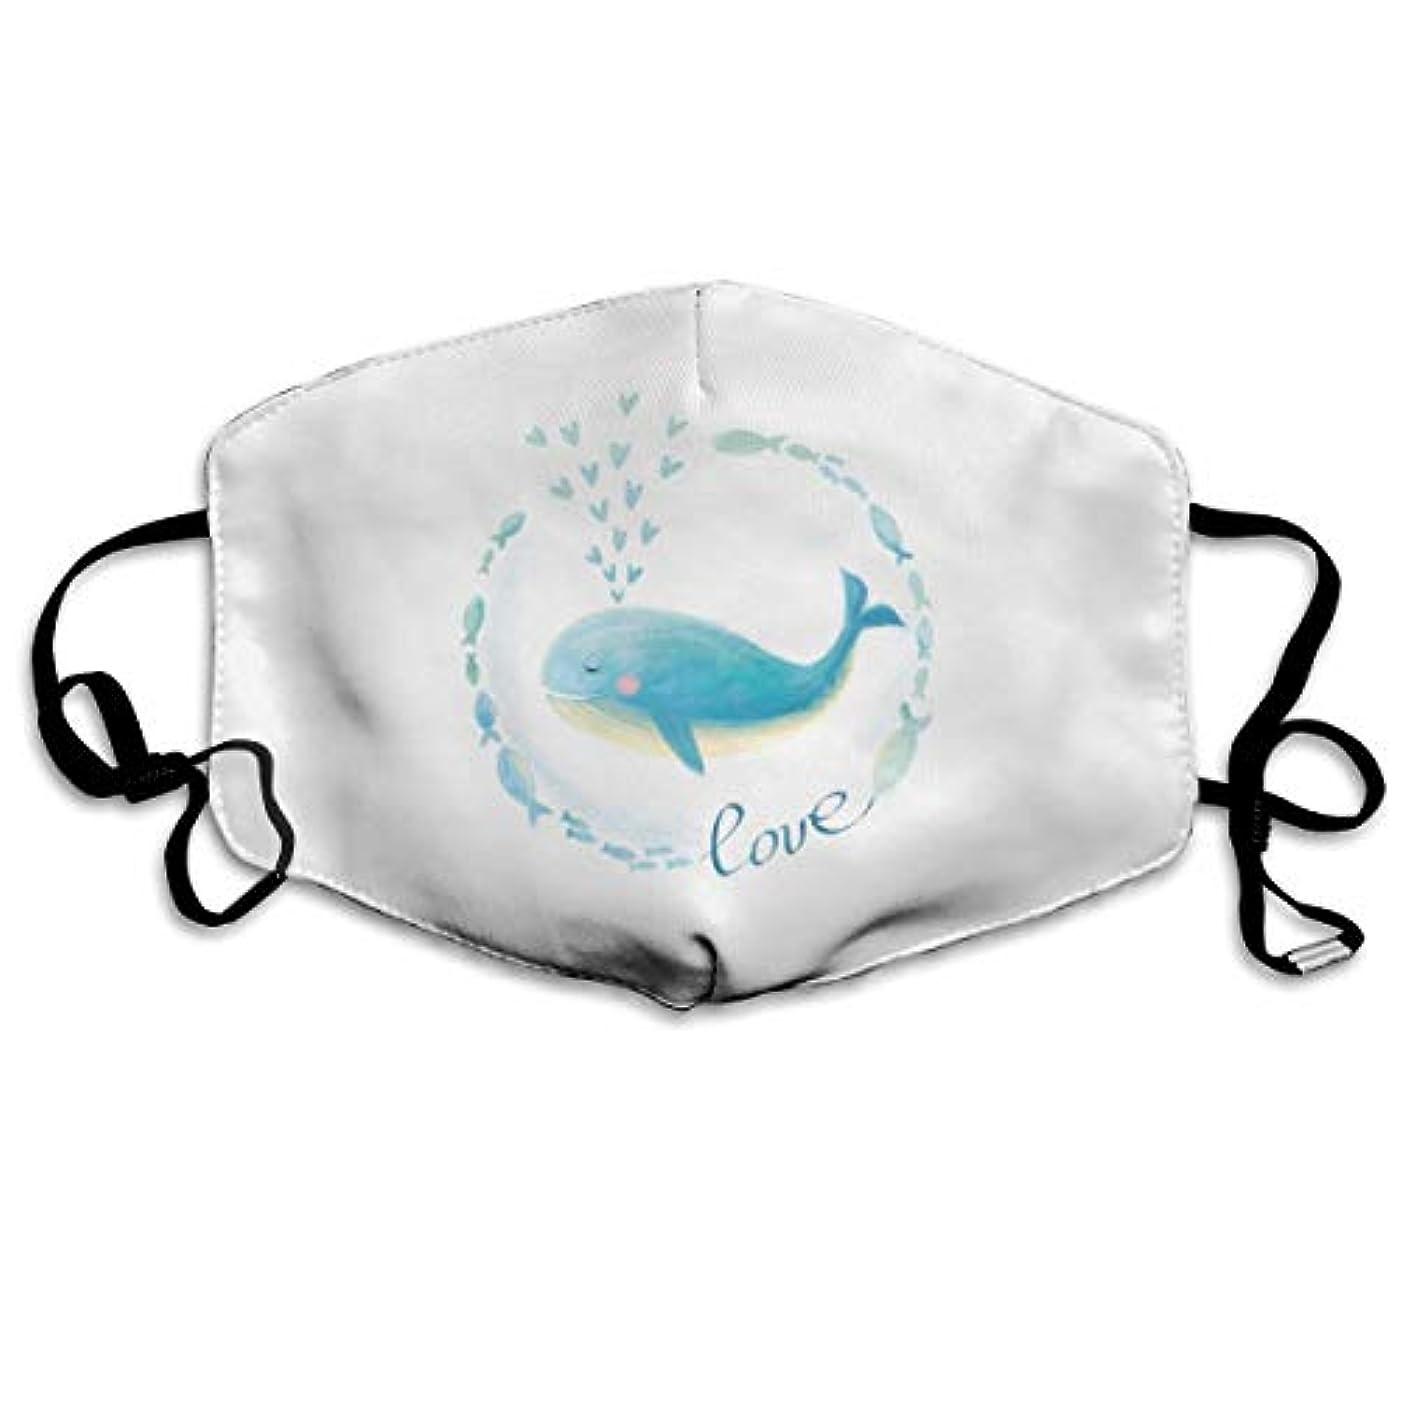 絵炎上しなければならないMorningligh イルカ マスク 使い捨てマスク ファッションマスク 個別包装 まとめ買い 防災 避難 緊急 抗菌 花粉症予防 風邪予防 男女兼用 健康を守るため